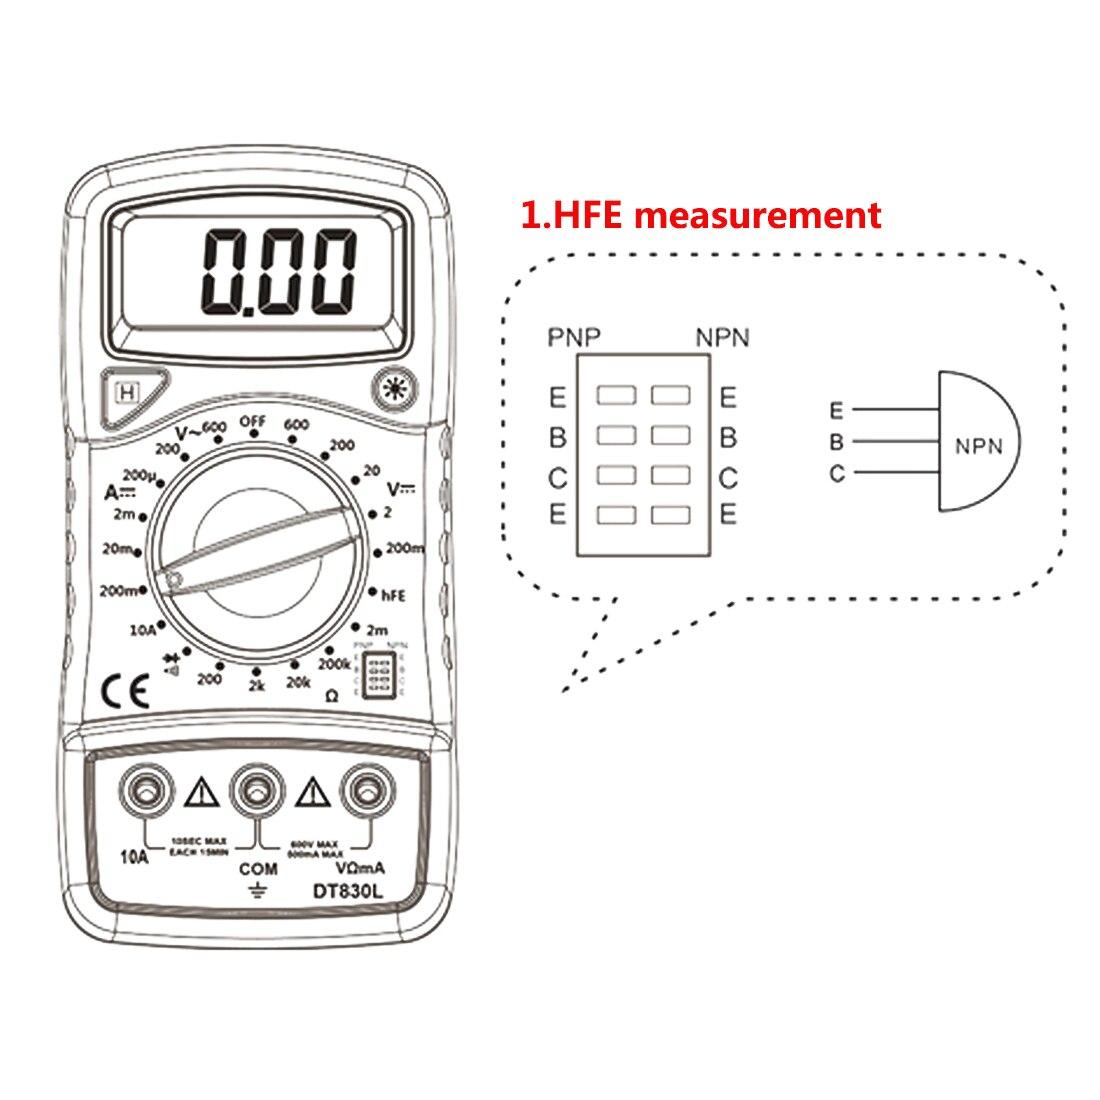 electrical diagram ammeter wiring diagram database Voltmeter Circuit Diagram hot digital multimeter ammeter voltmeter ohmmeter electric handheld ammeter wiring schematic digital multimeter ammeter voltmeter ohmmeter